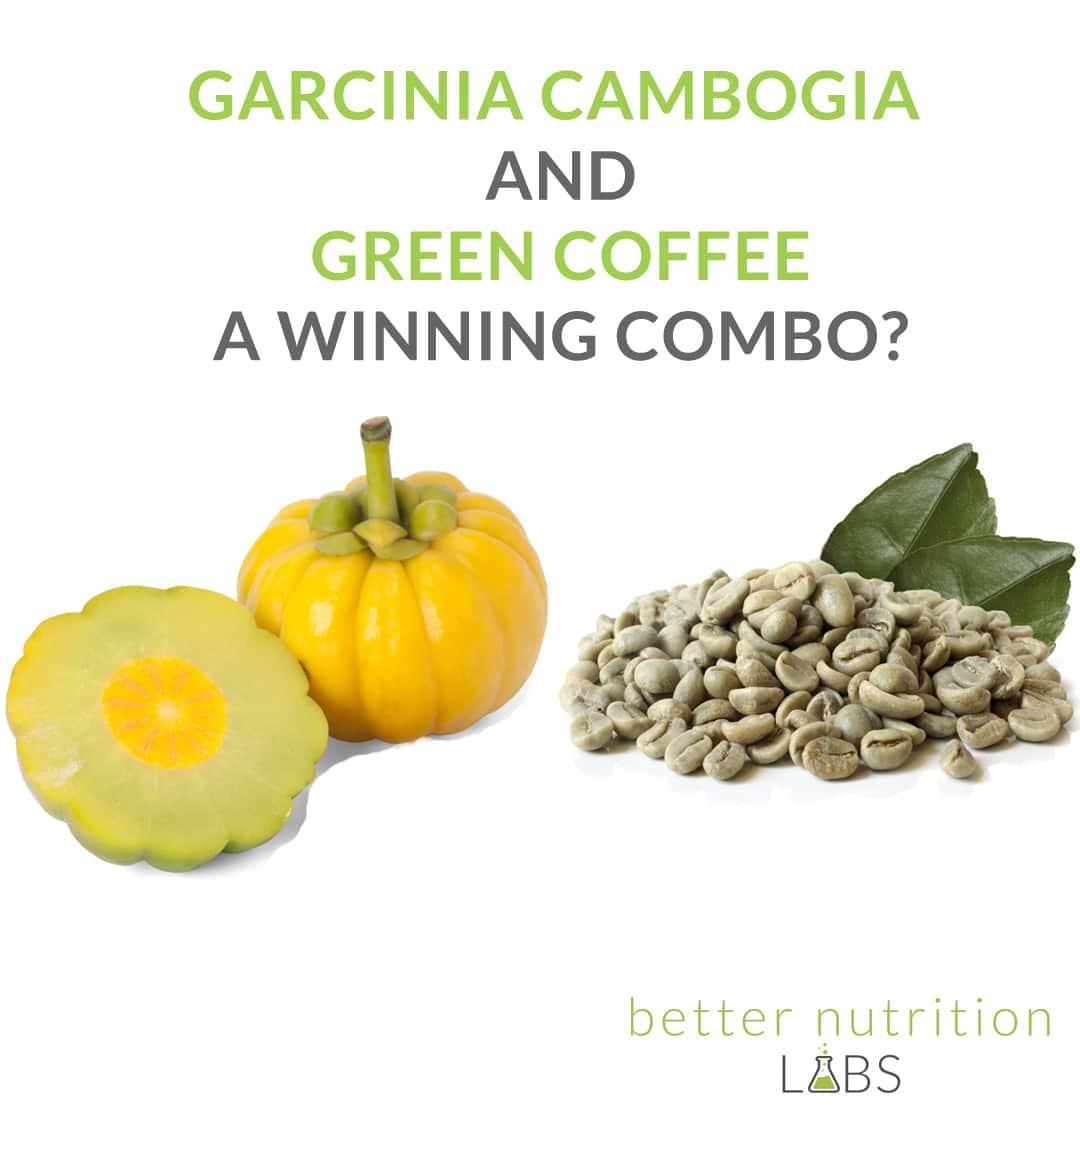 garcinia cambogia green coffee winning combo - Garcinia Cambogia & Green Coffee Bean: Are they effective together?